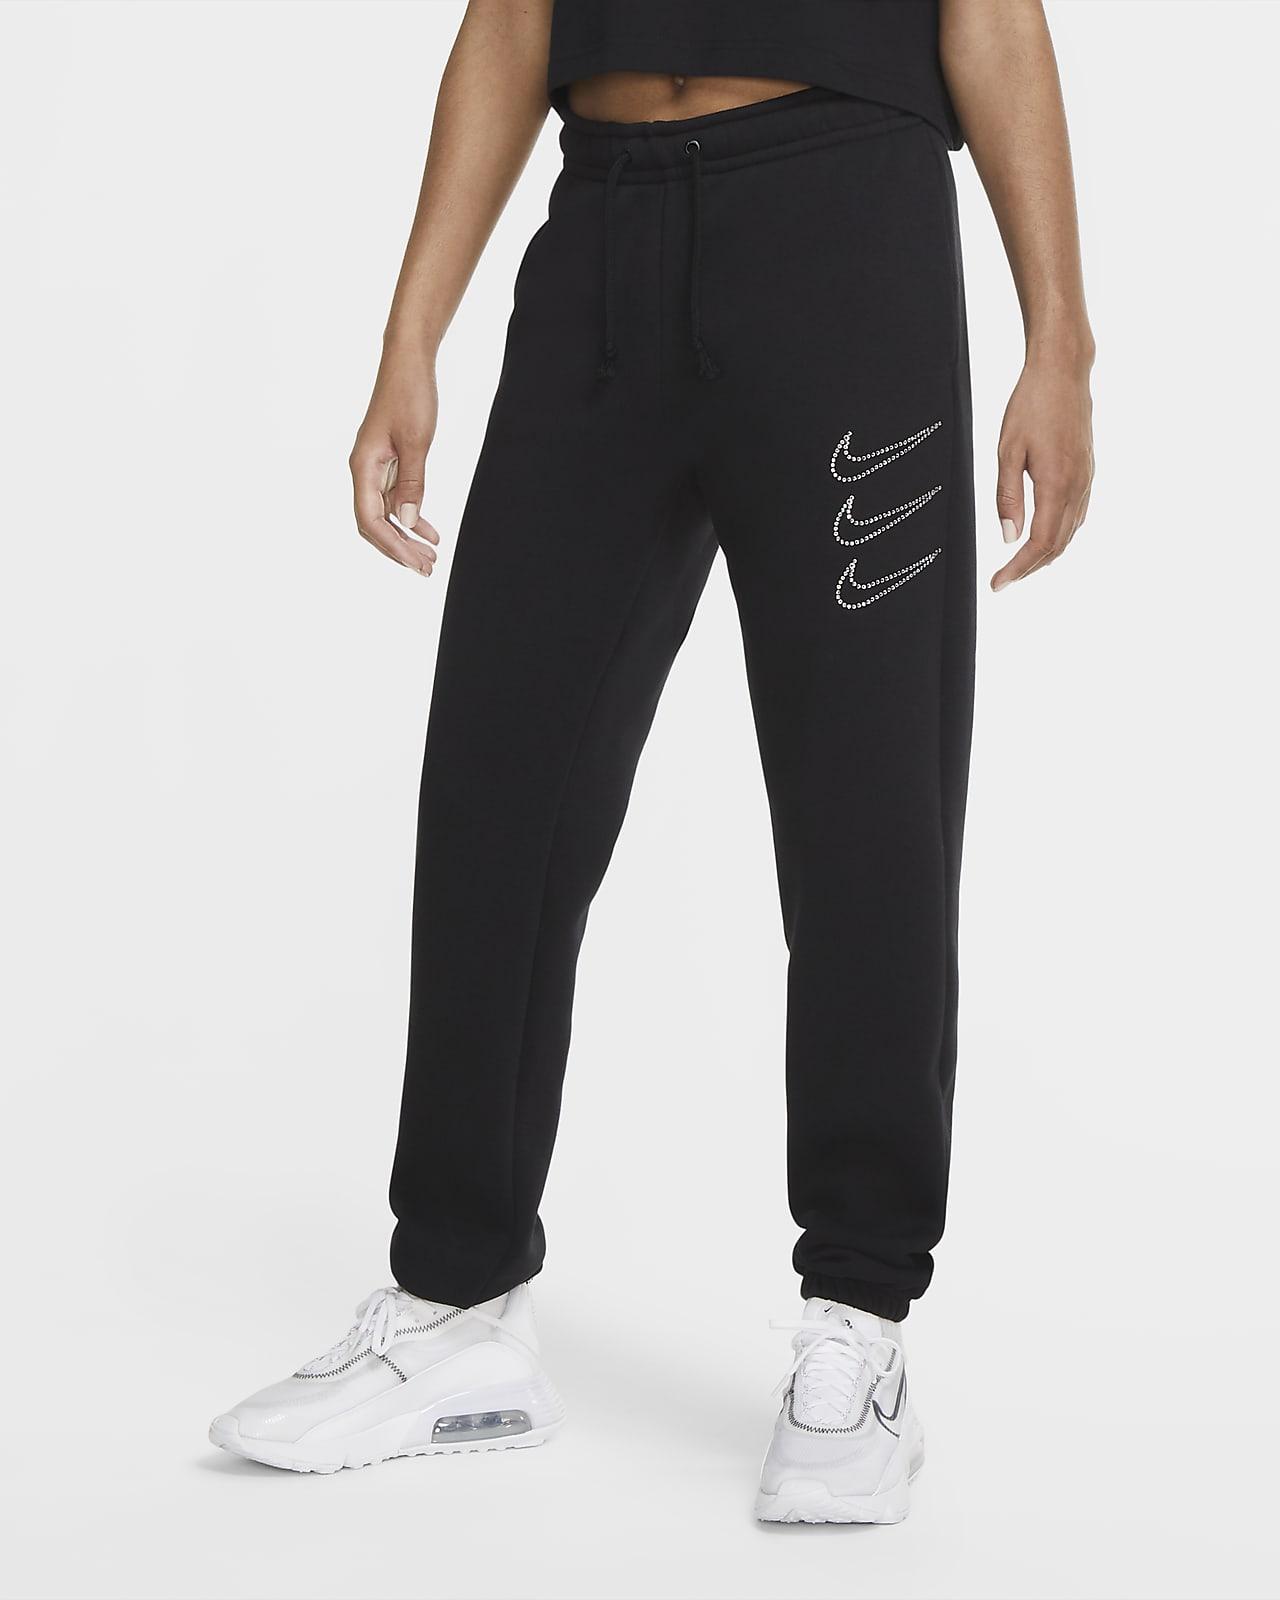 Nike Sportswear Rhinestone Women's Fleece Trousers